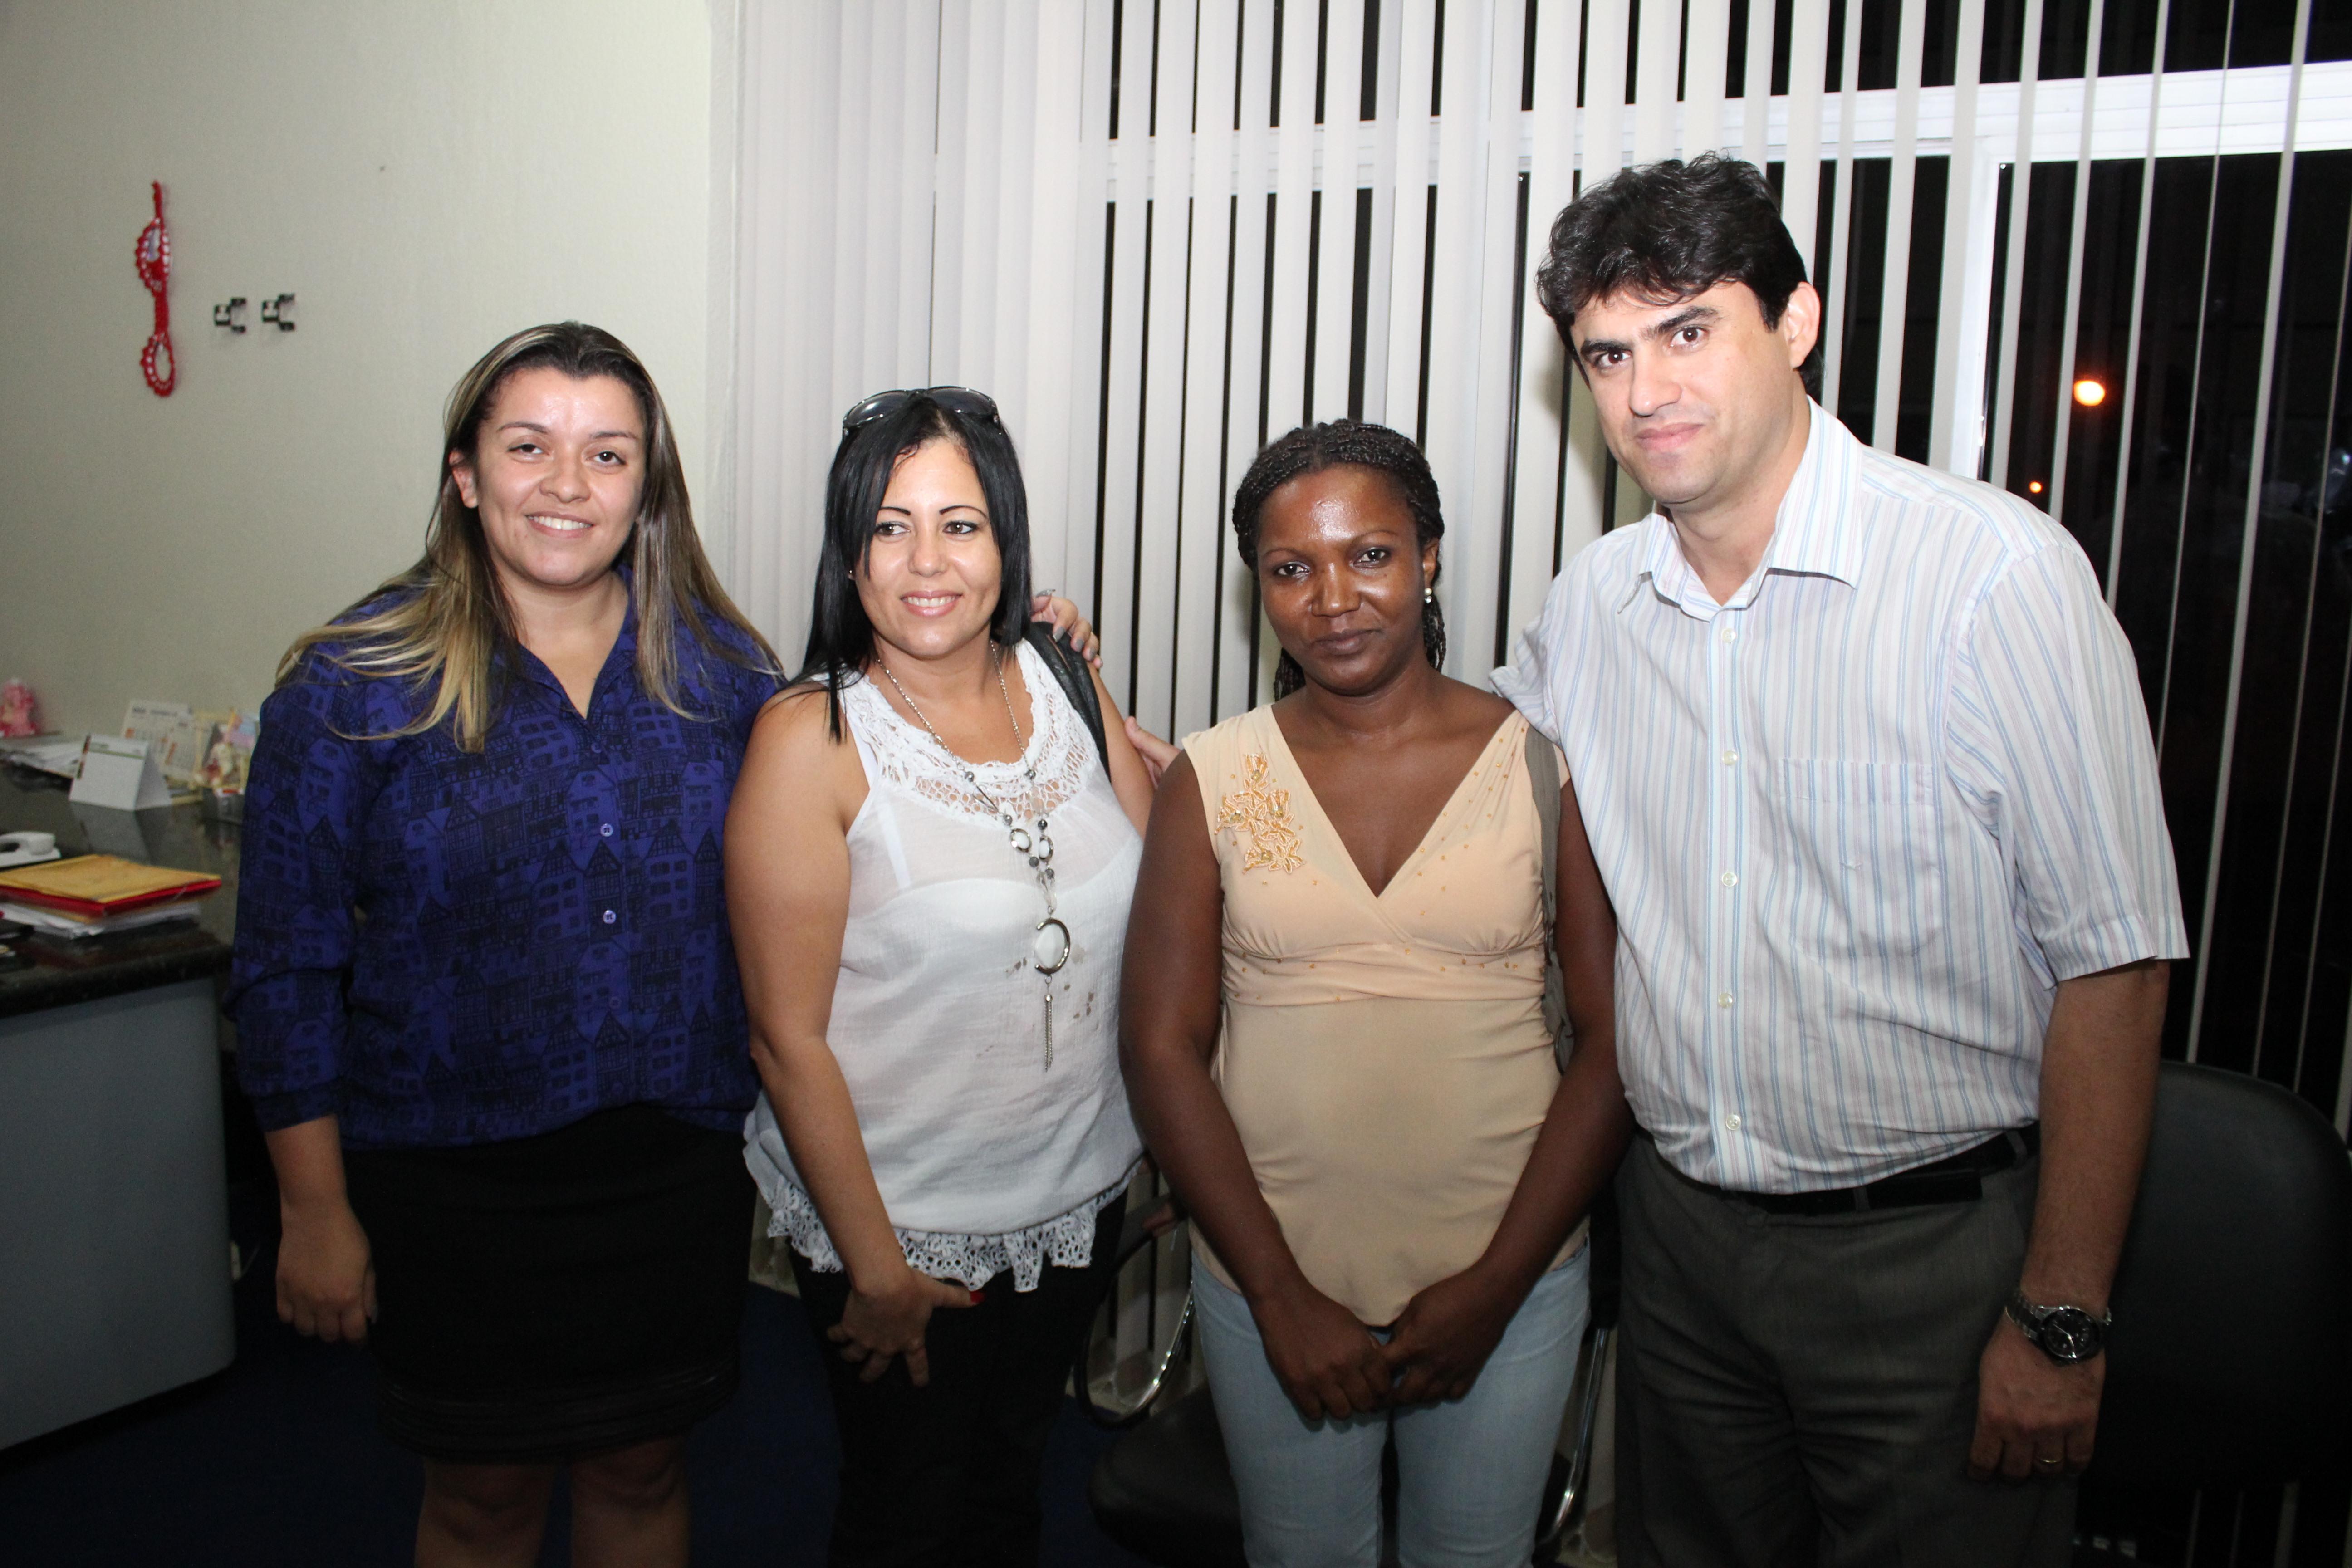 Um dos municípios contemplados pelo programa foi o de Pacajus, que recebeu duas médicas de Cuba: Idaynovis Nápoles e Igleidis Utria